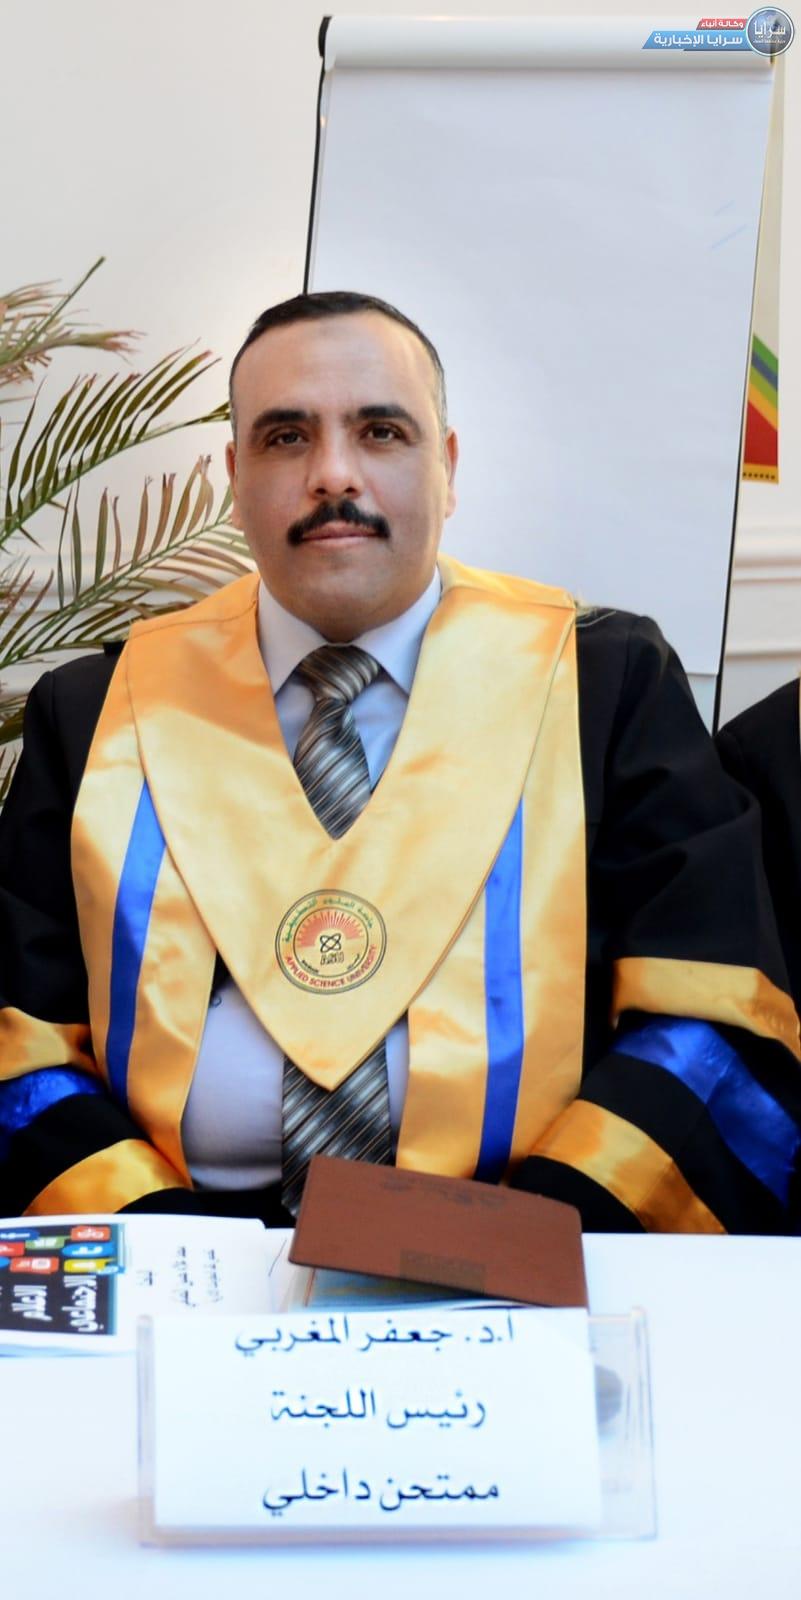 الأستاذ الدكتور جعفر المغربي  ..  مبارك التعيين